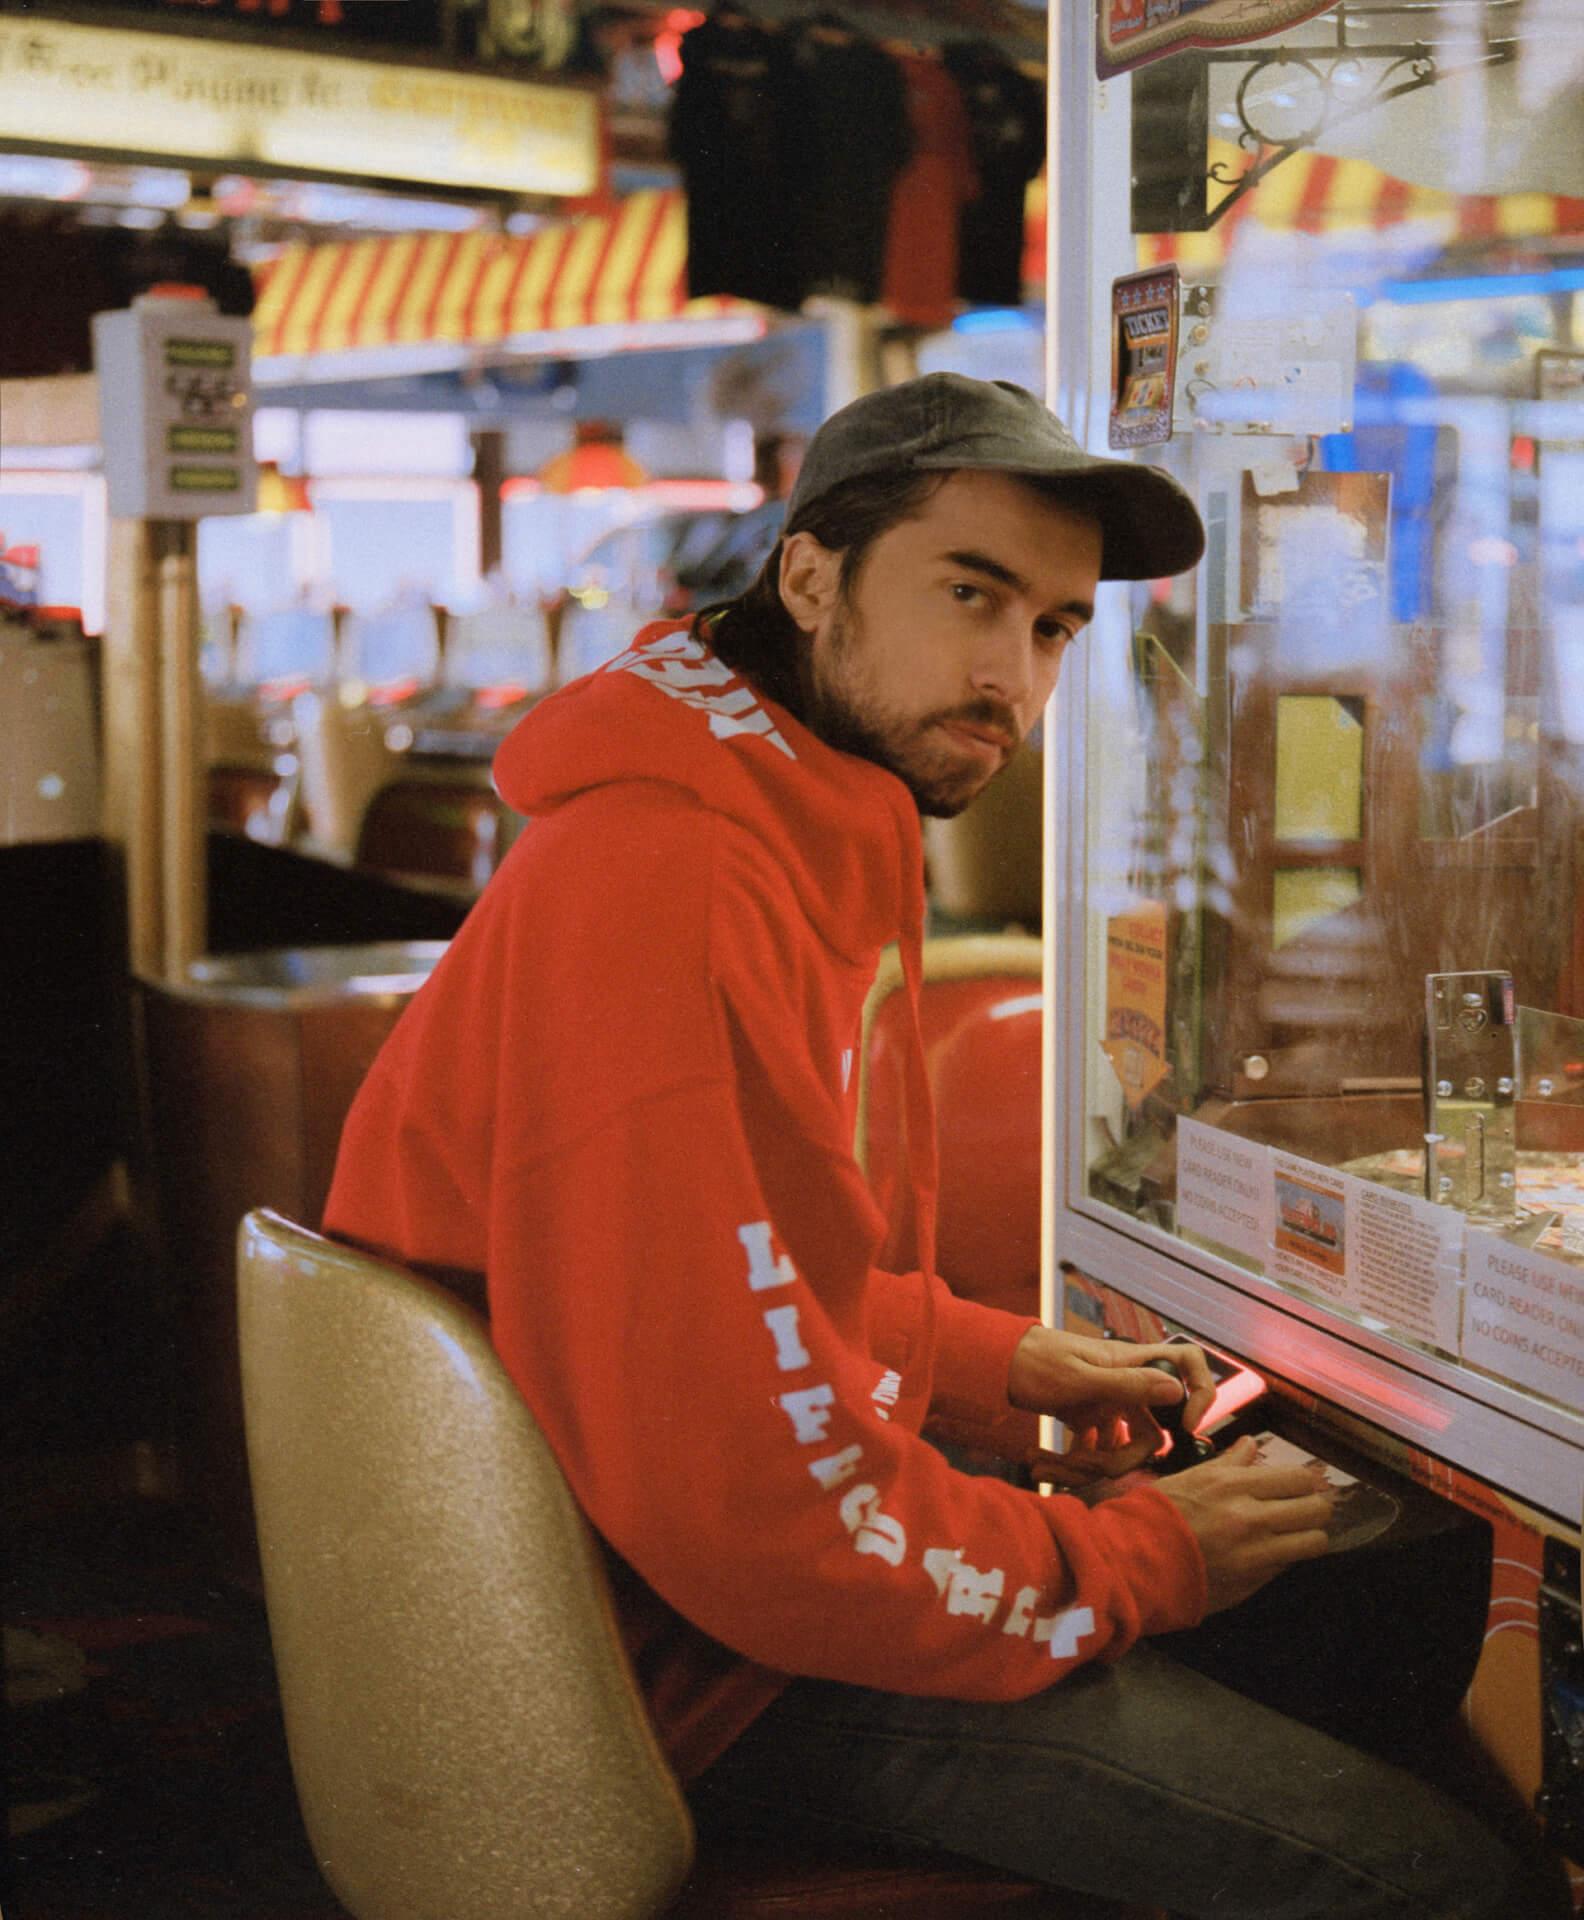 フランク・オーシャン絶賛の (Sandy) Alex Gがパリの街中で即興パフォーマンスする映像が公開|最新アルバムもリリース間近 music190911_alexg_02